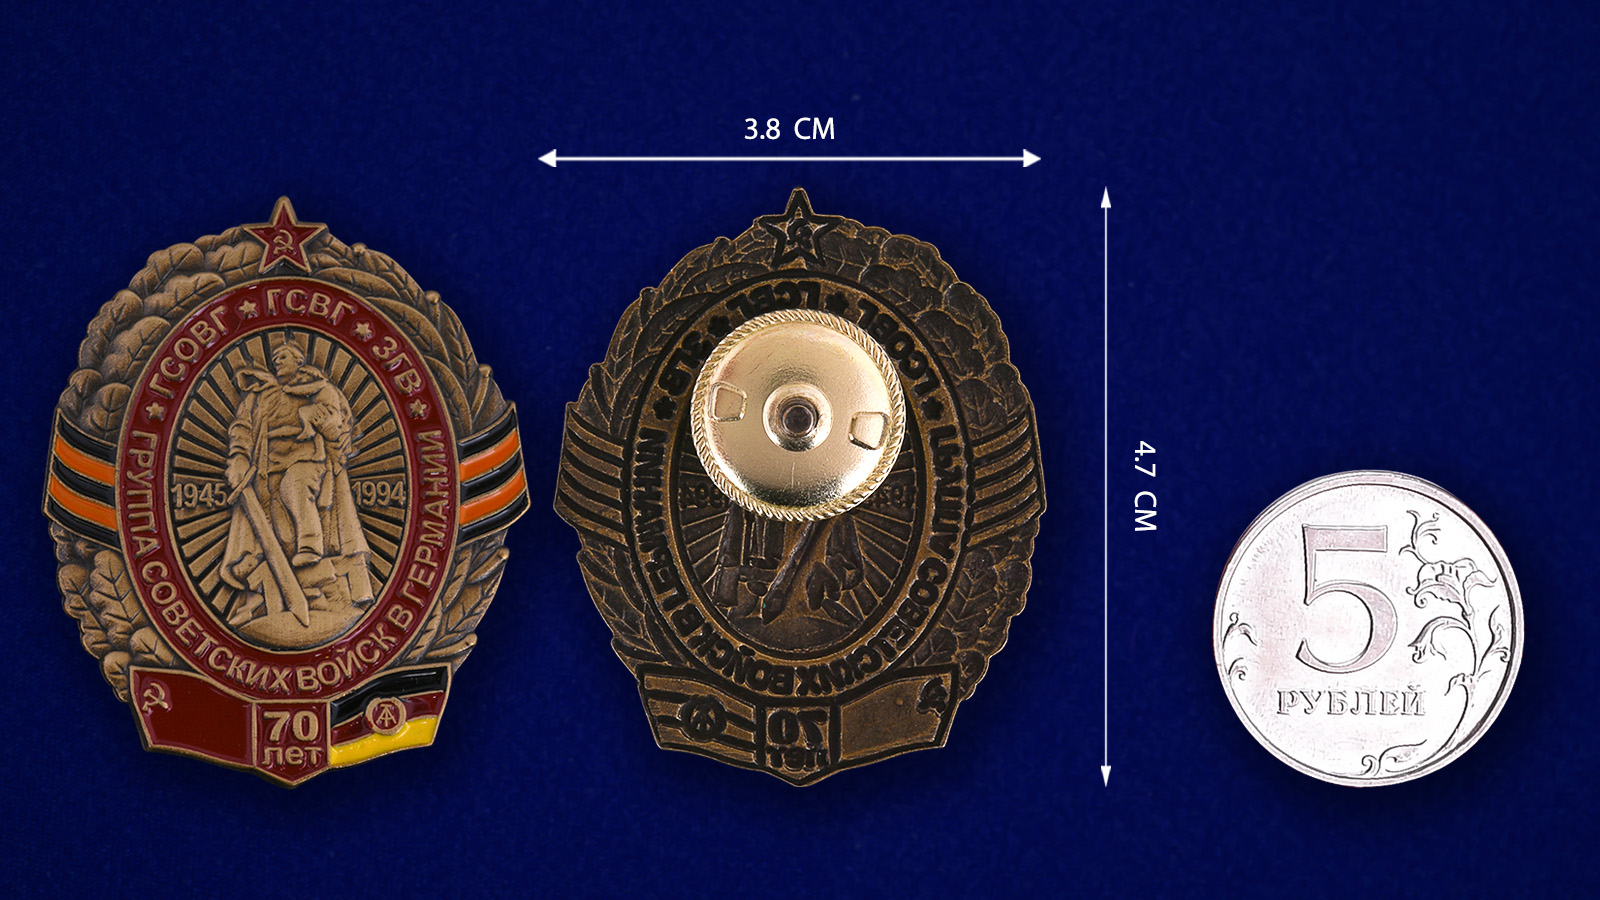 Памятный знак ГСВГ  - сравнительный размер